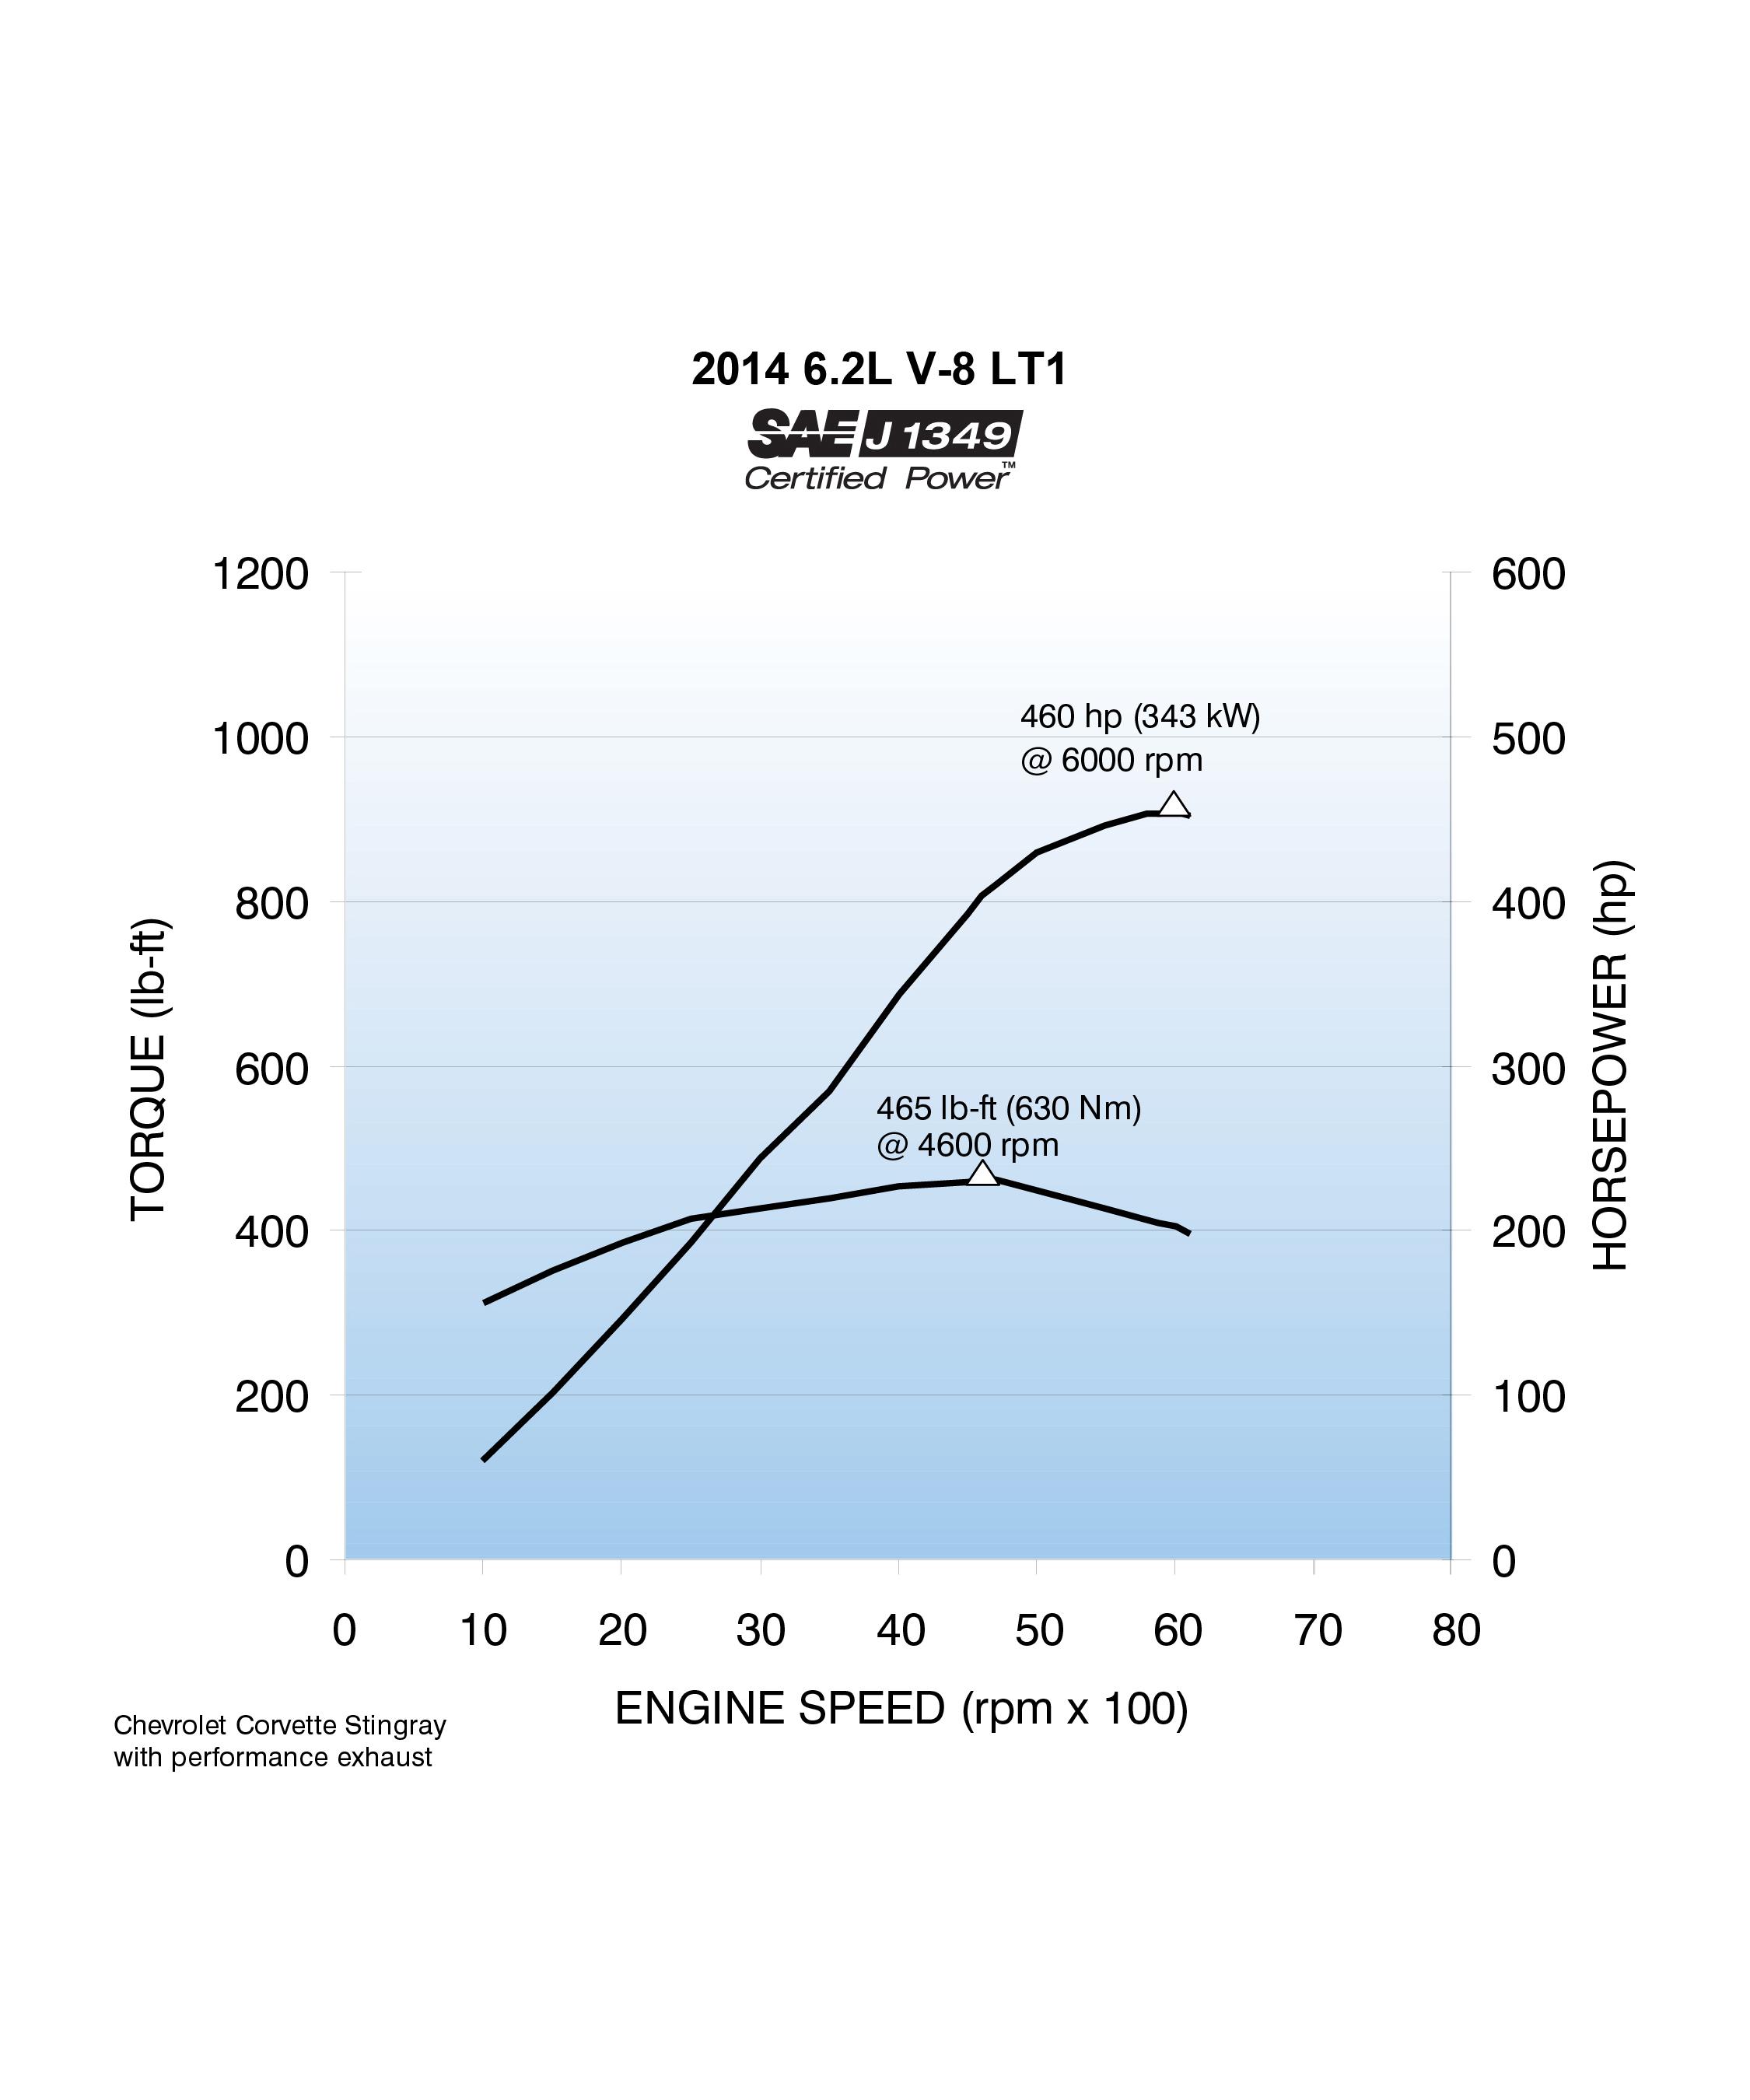 2014 Corvette Stingray Cranks Out 460 Horsepower 6 0 Gm Lq4 Engine Diagram